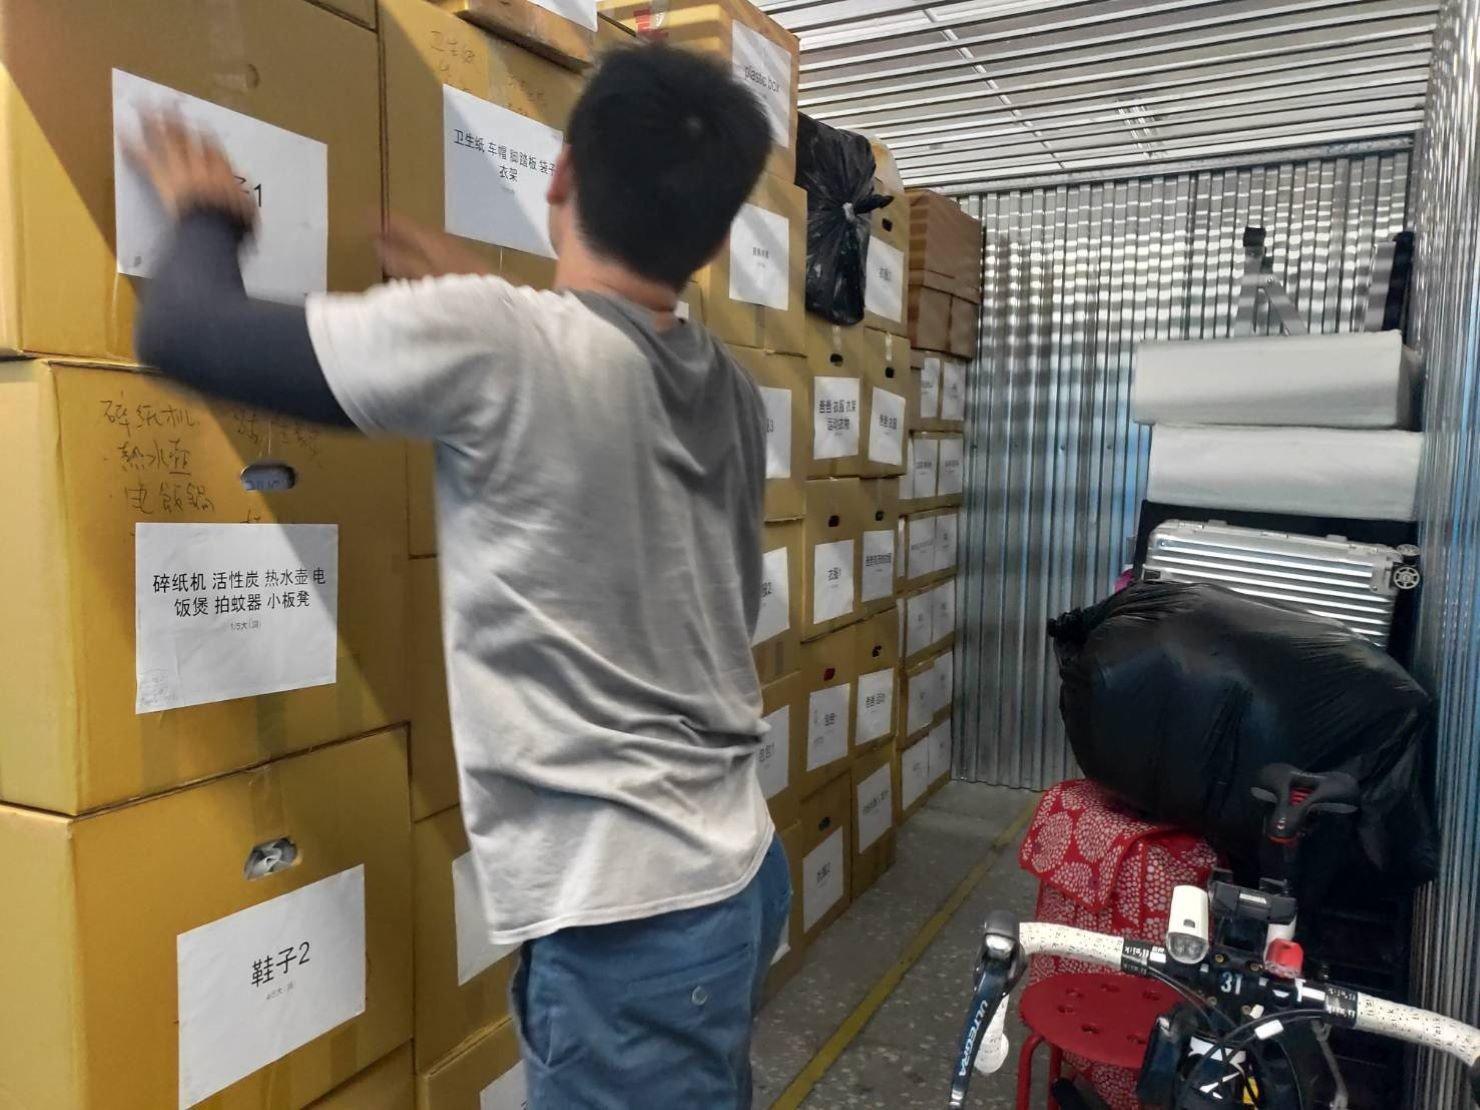 台北搬家公司推薦【榮福搬家公司】搬家公司值得您來選擇:細心的師傅們會將箱子有標示註明的那一面朝外,方便日後找尋。